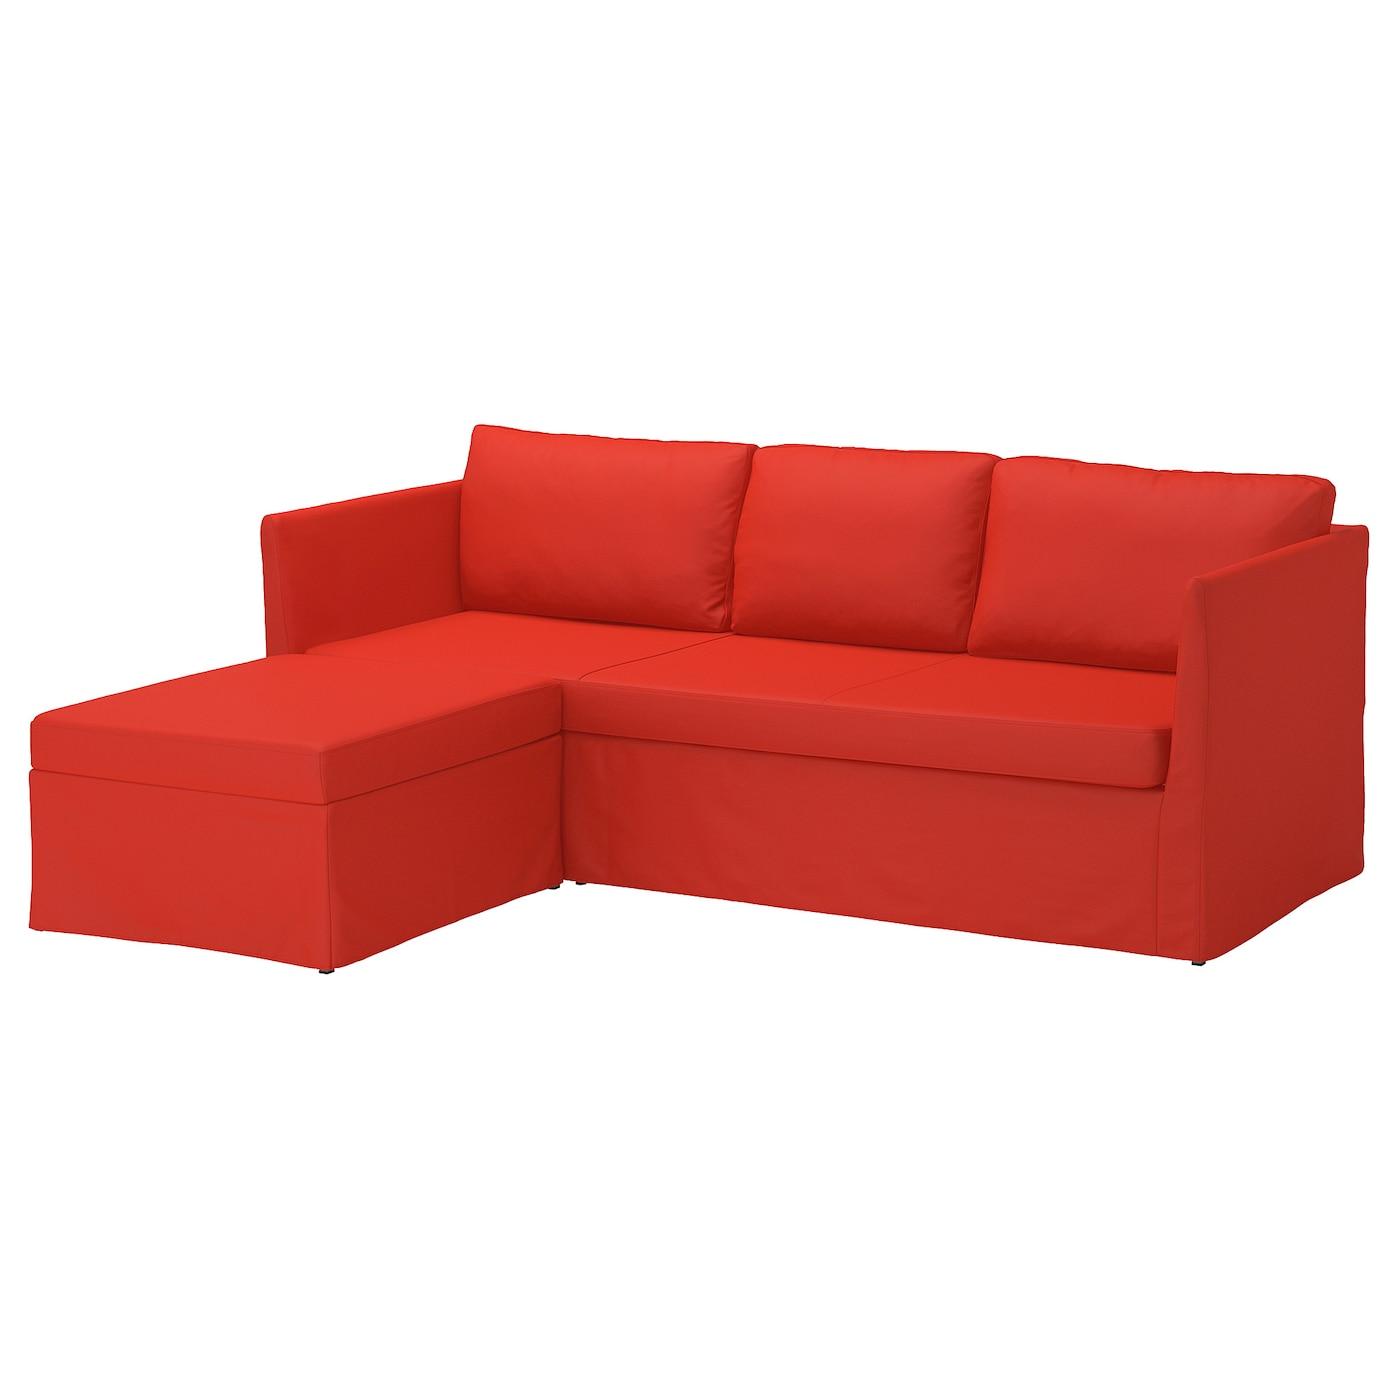 BRÅTHULT, Eckbettsofa, Vissle rot/orange, rot/orange 892.178.45